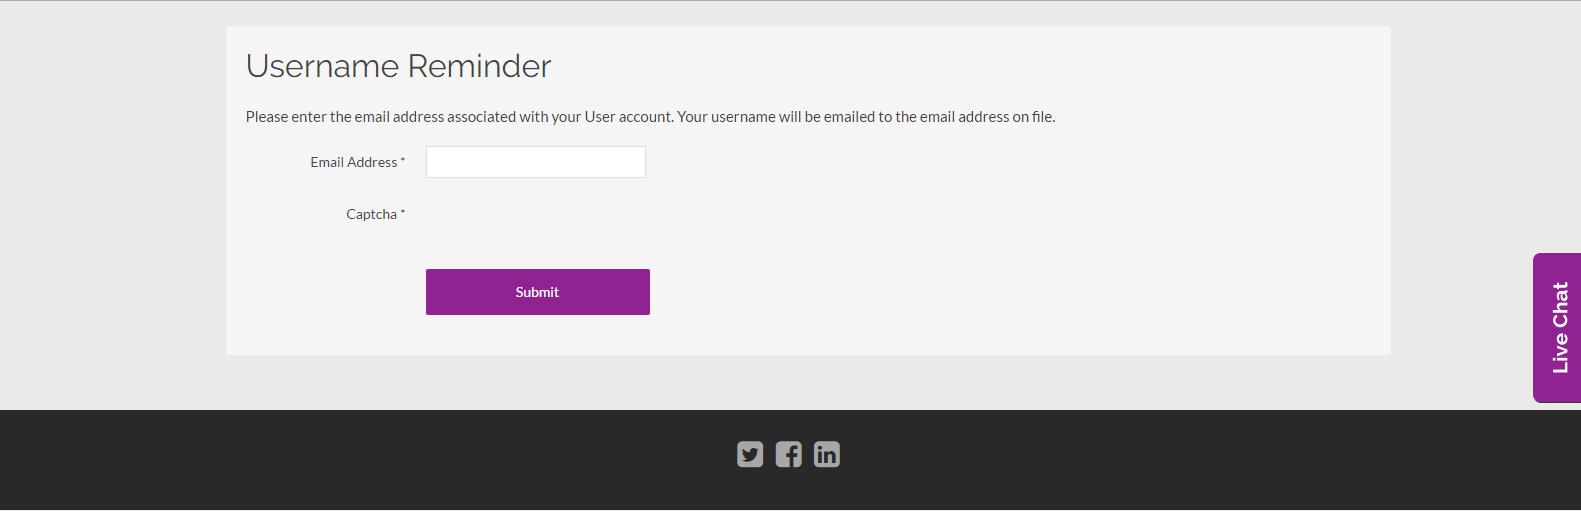 Username Reminder